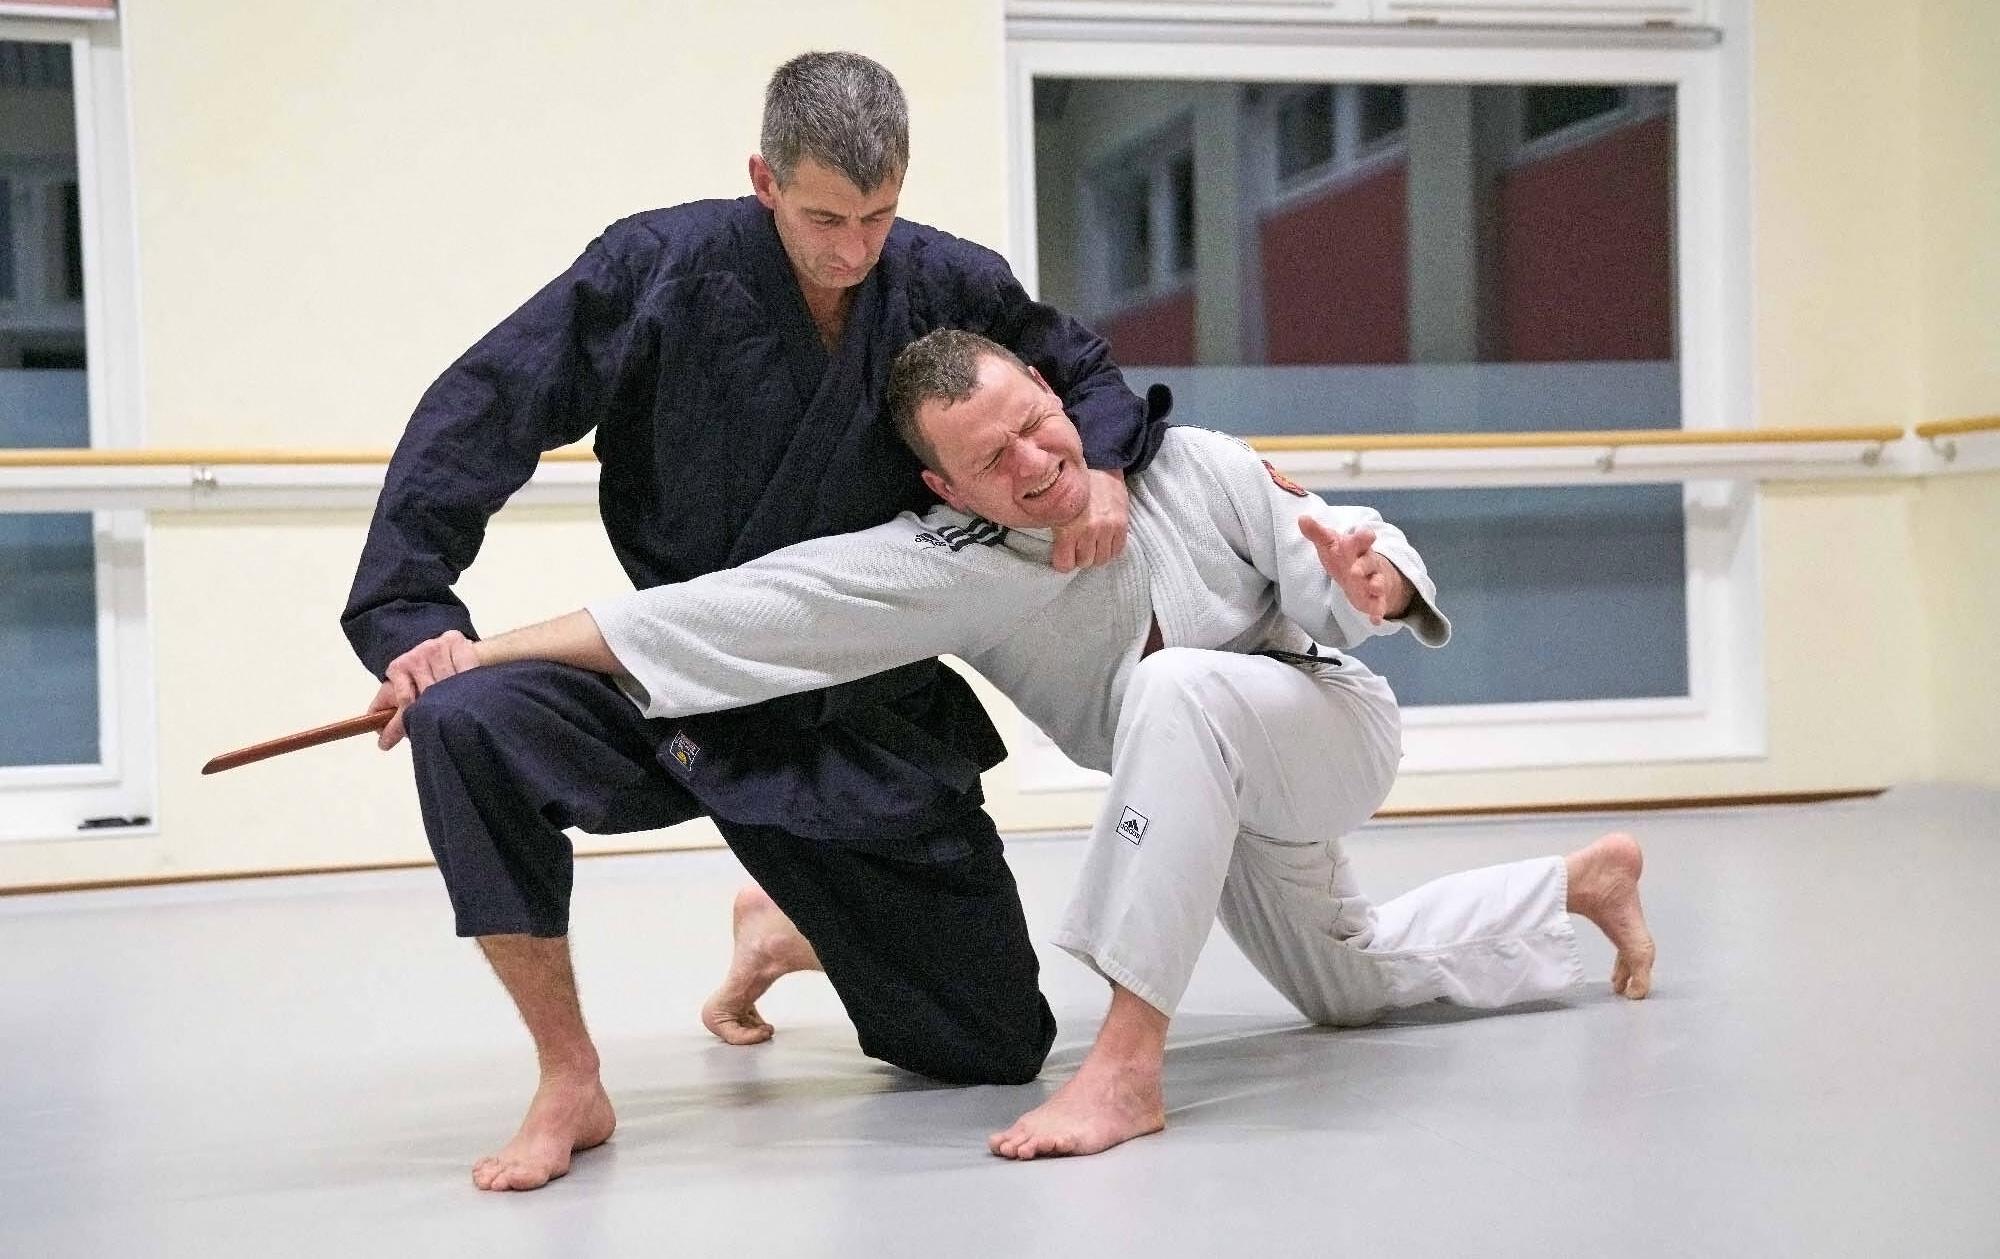 Afbeelding over jiu-jitsu in Hoorn